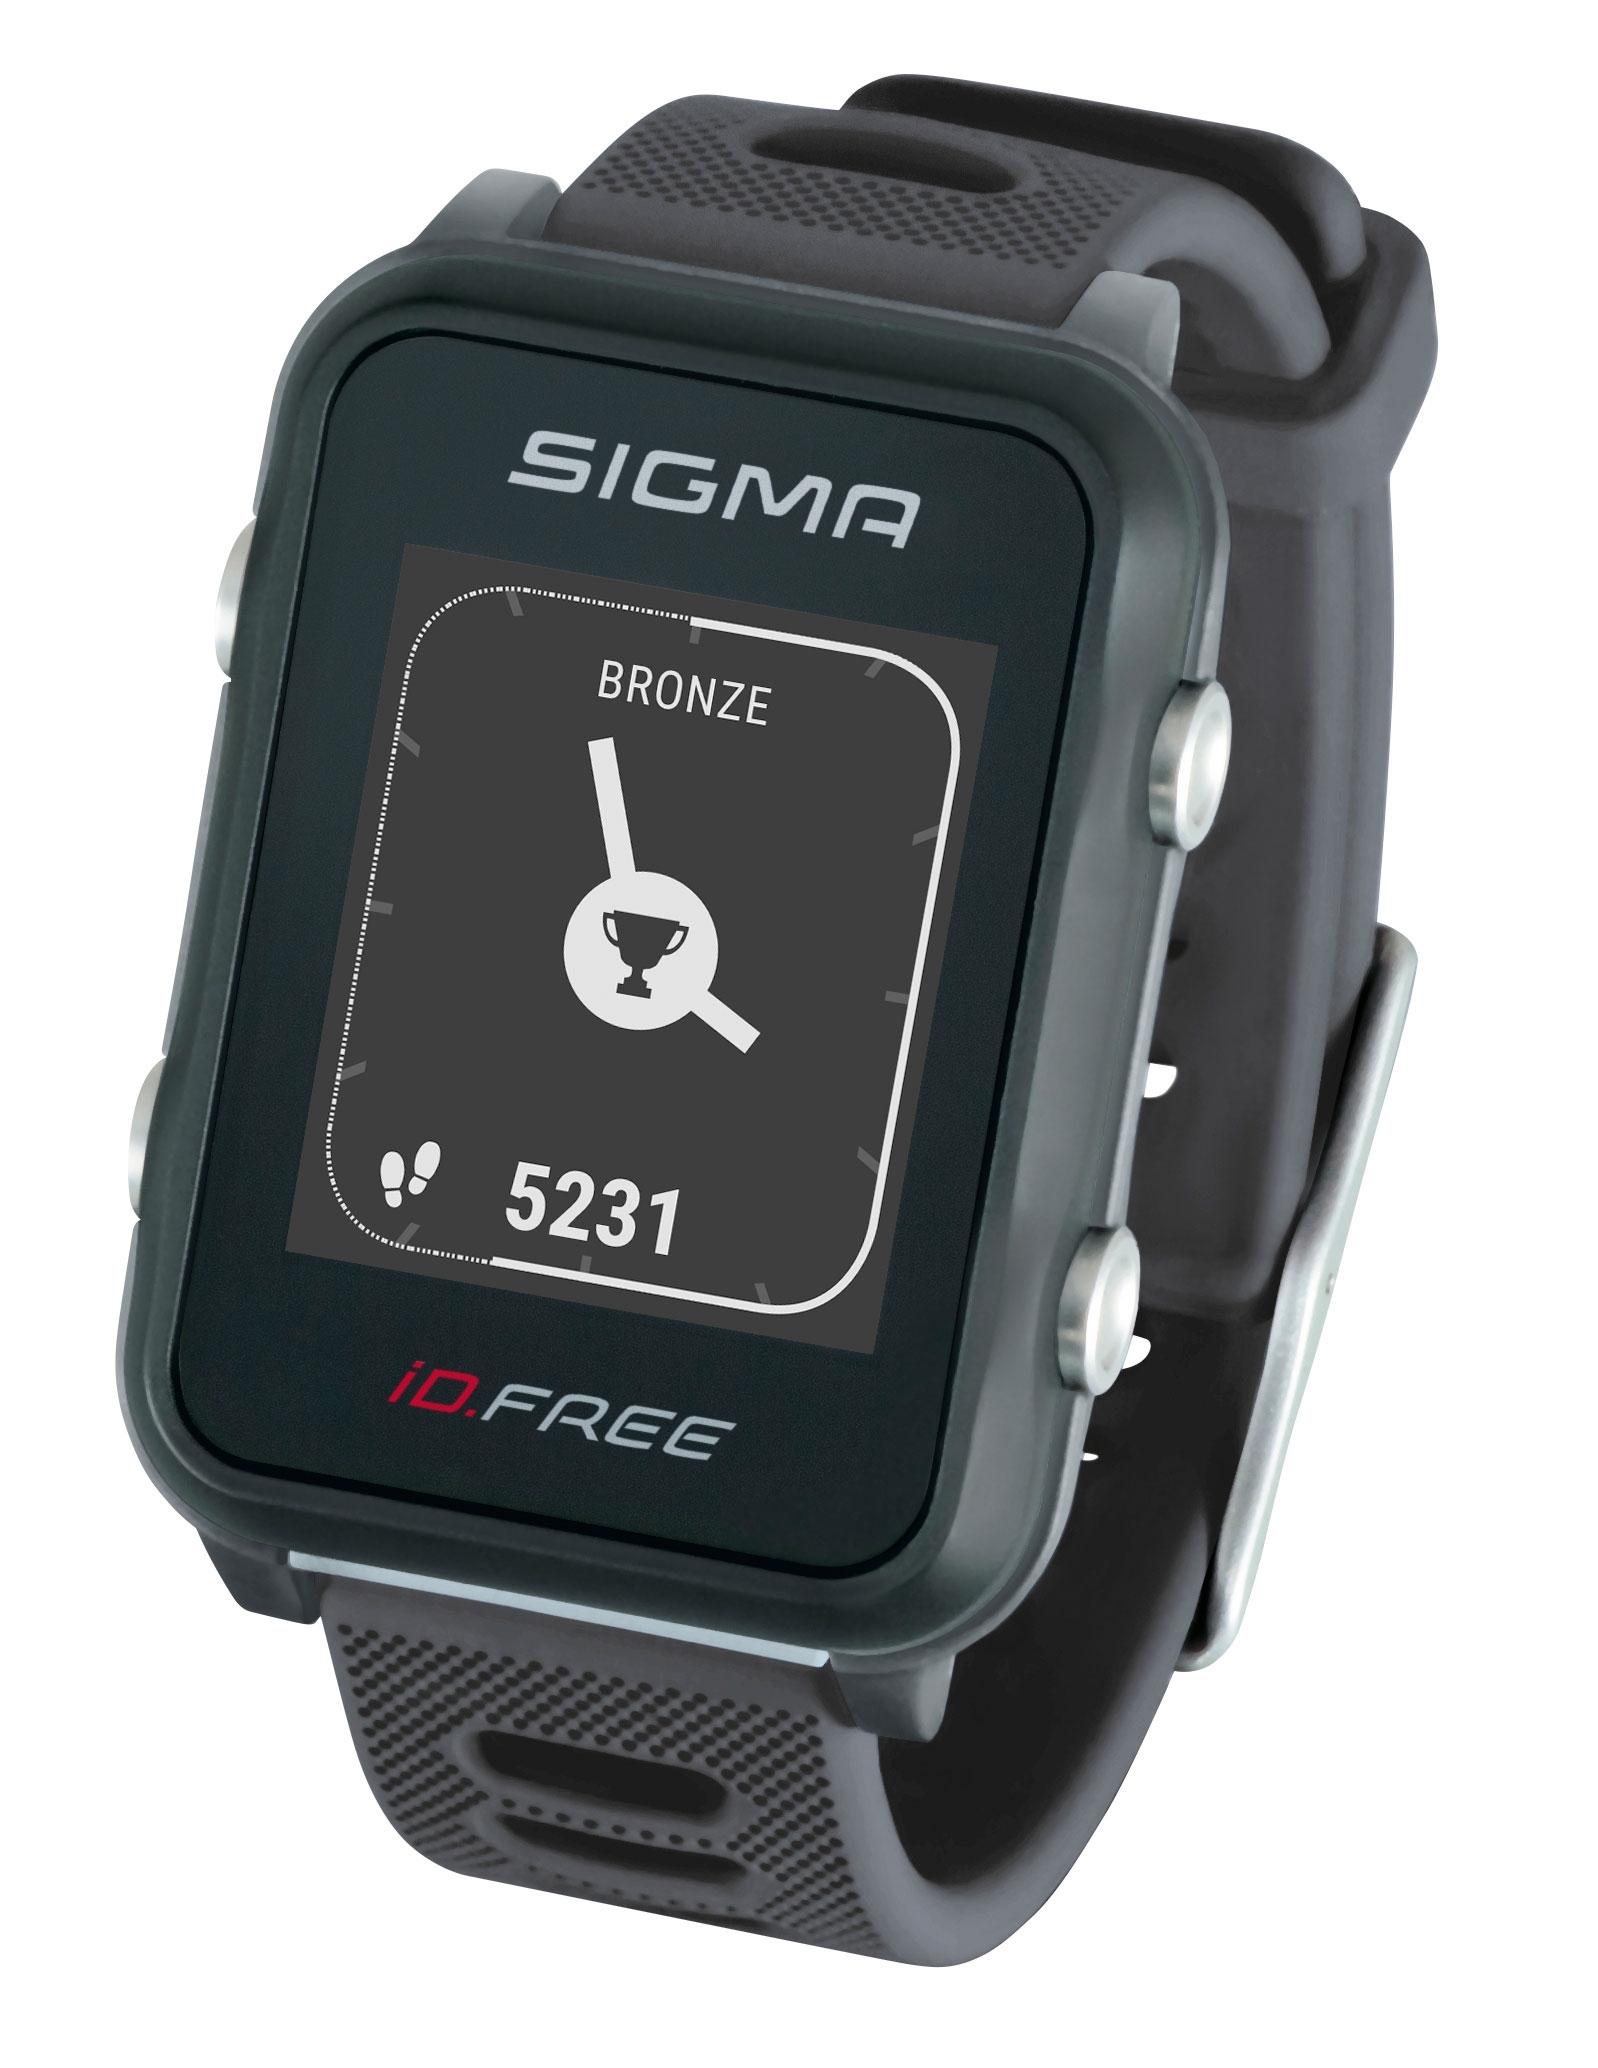 počítač SIGMA pulsmetr iD.FREE šedý